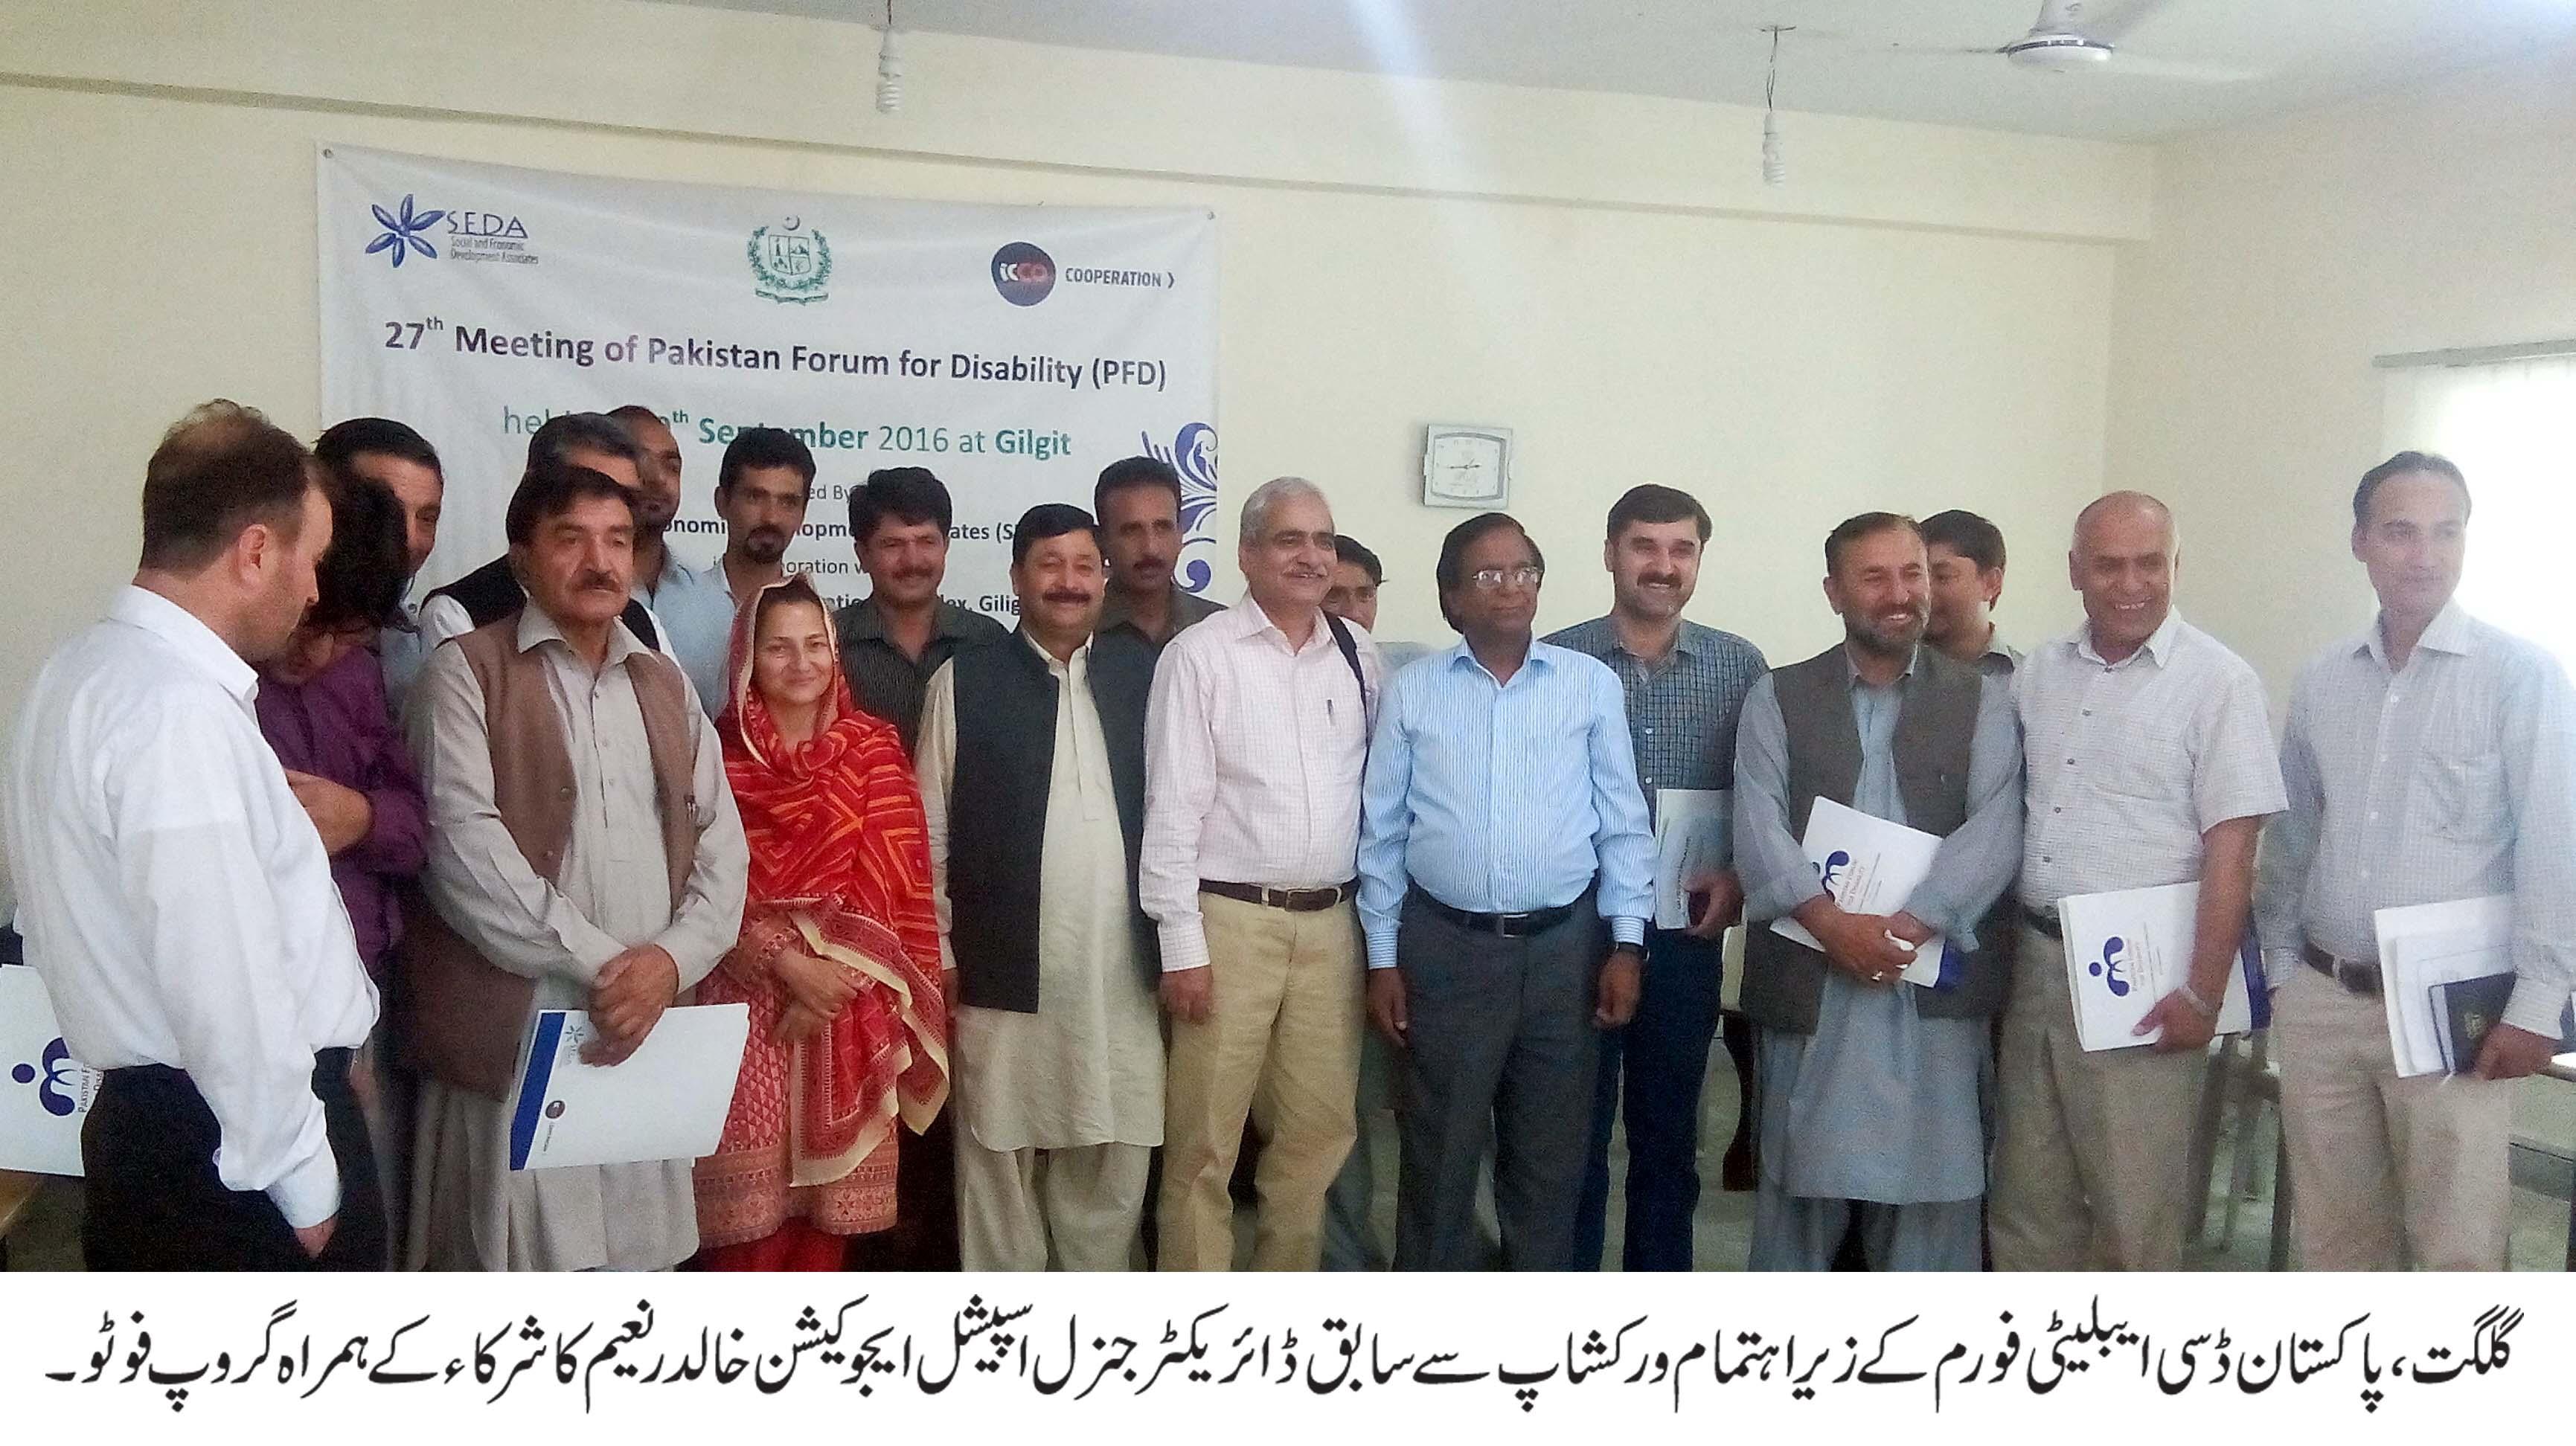 پاکستان ڈی ابیلیٹی فورم کے زیرِ اہتمام گلگت میں دو روزہ ورکشاپ منعقد